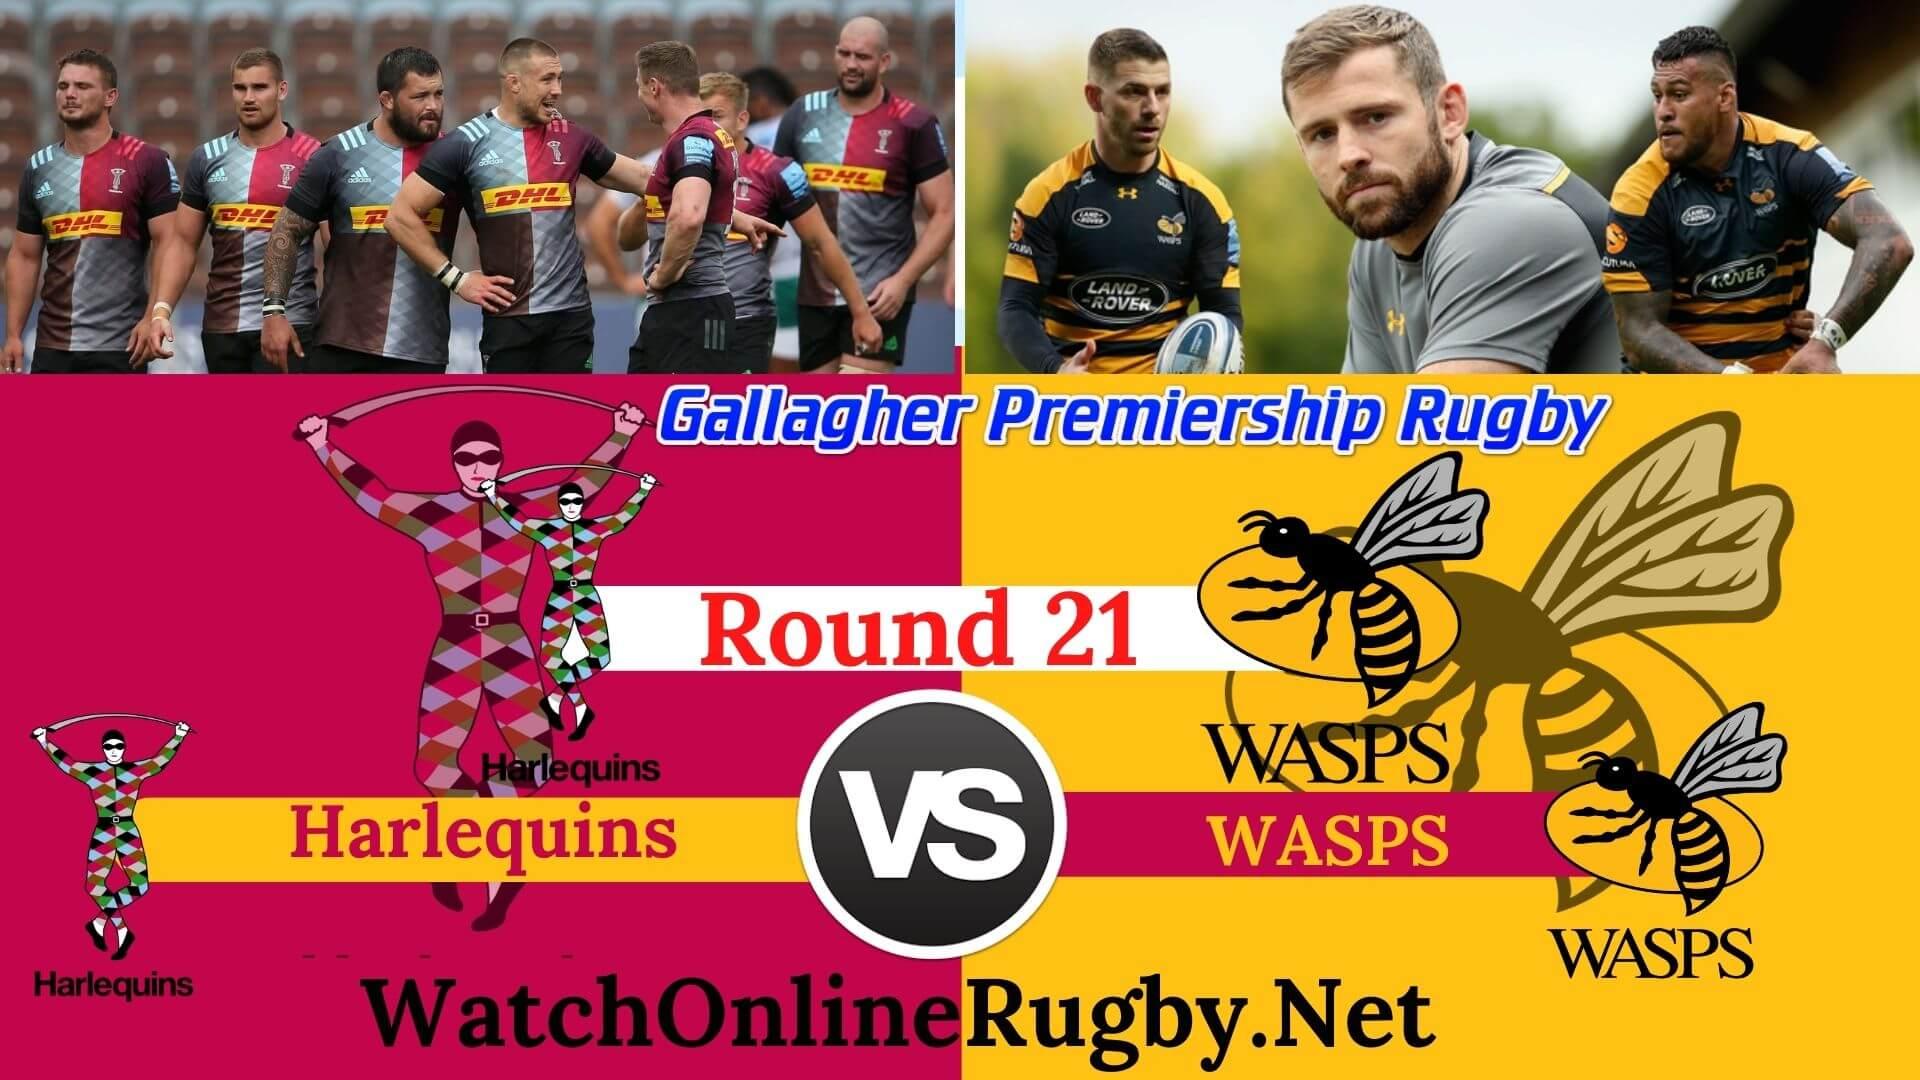 wasps-vs-harlequins-rugby-live-online